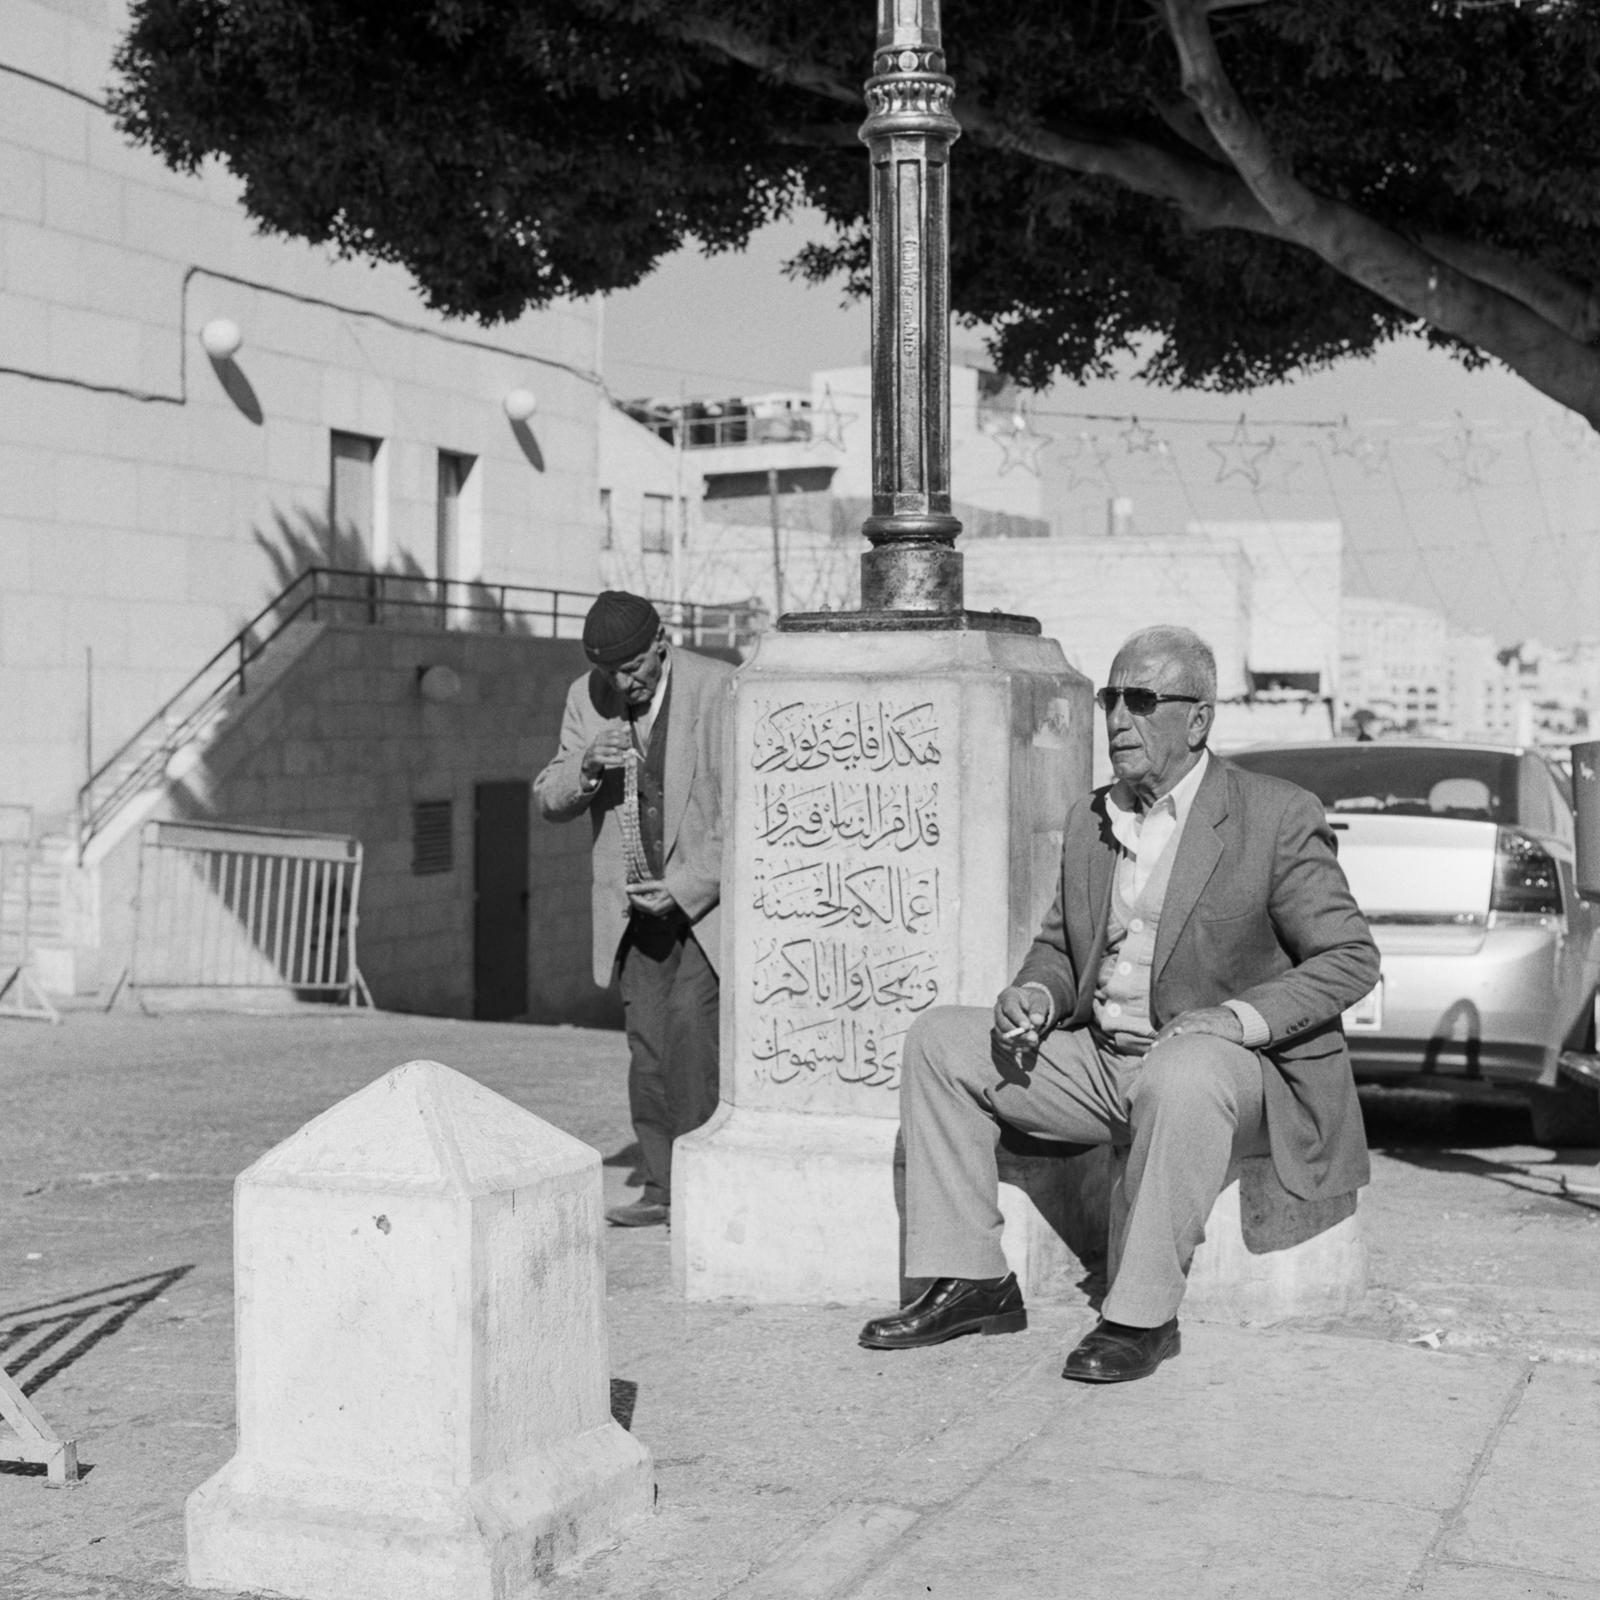 201412_Israel_MF5_TriX_Hasselblad_007-Edit